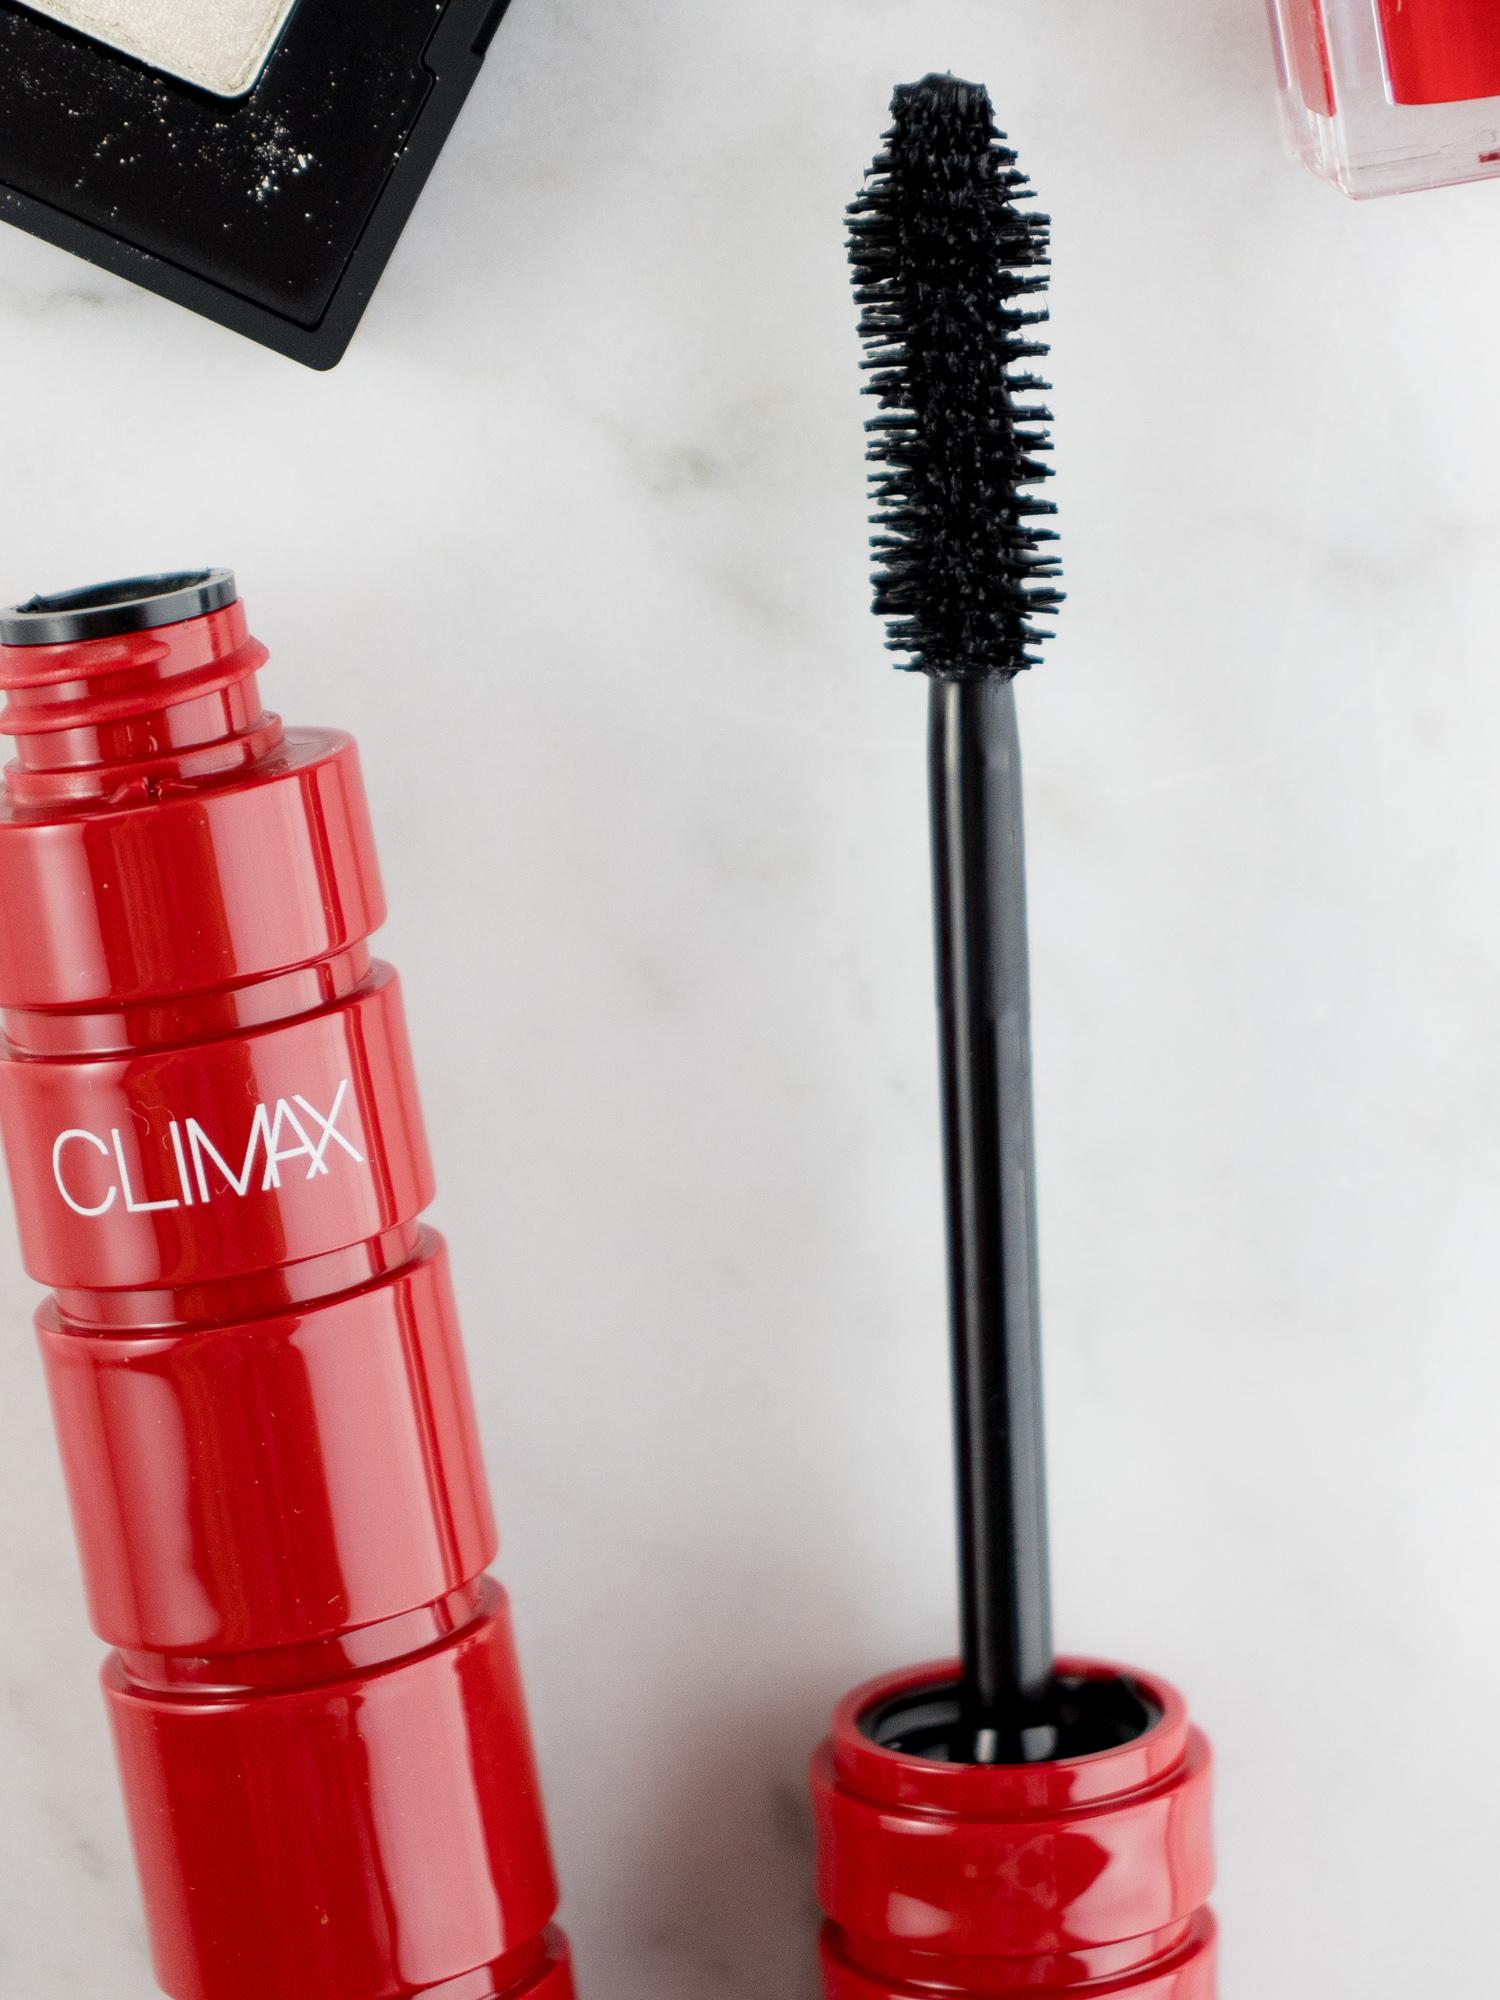 NARS Climax Volumizing Mascara Close-Up